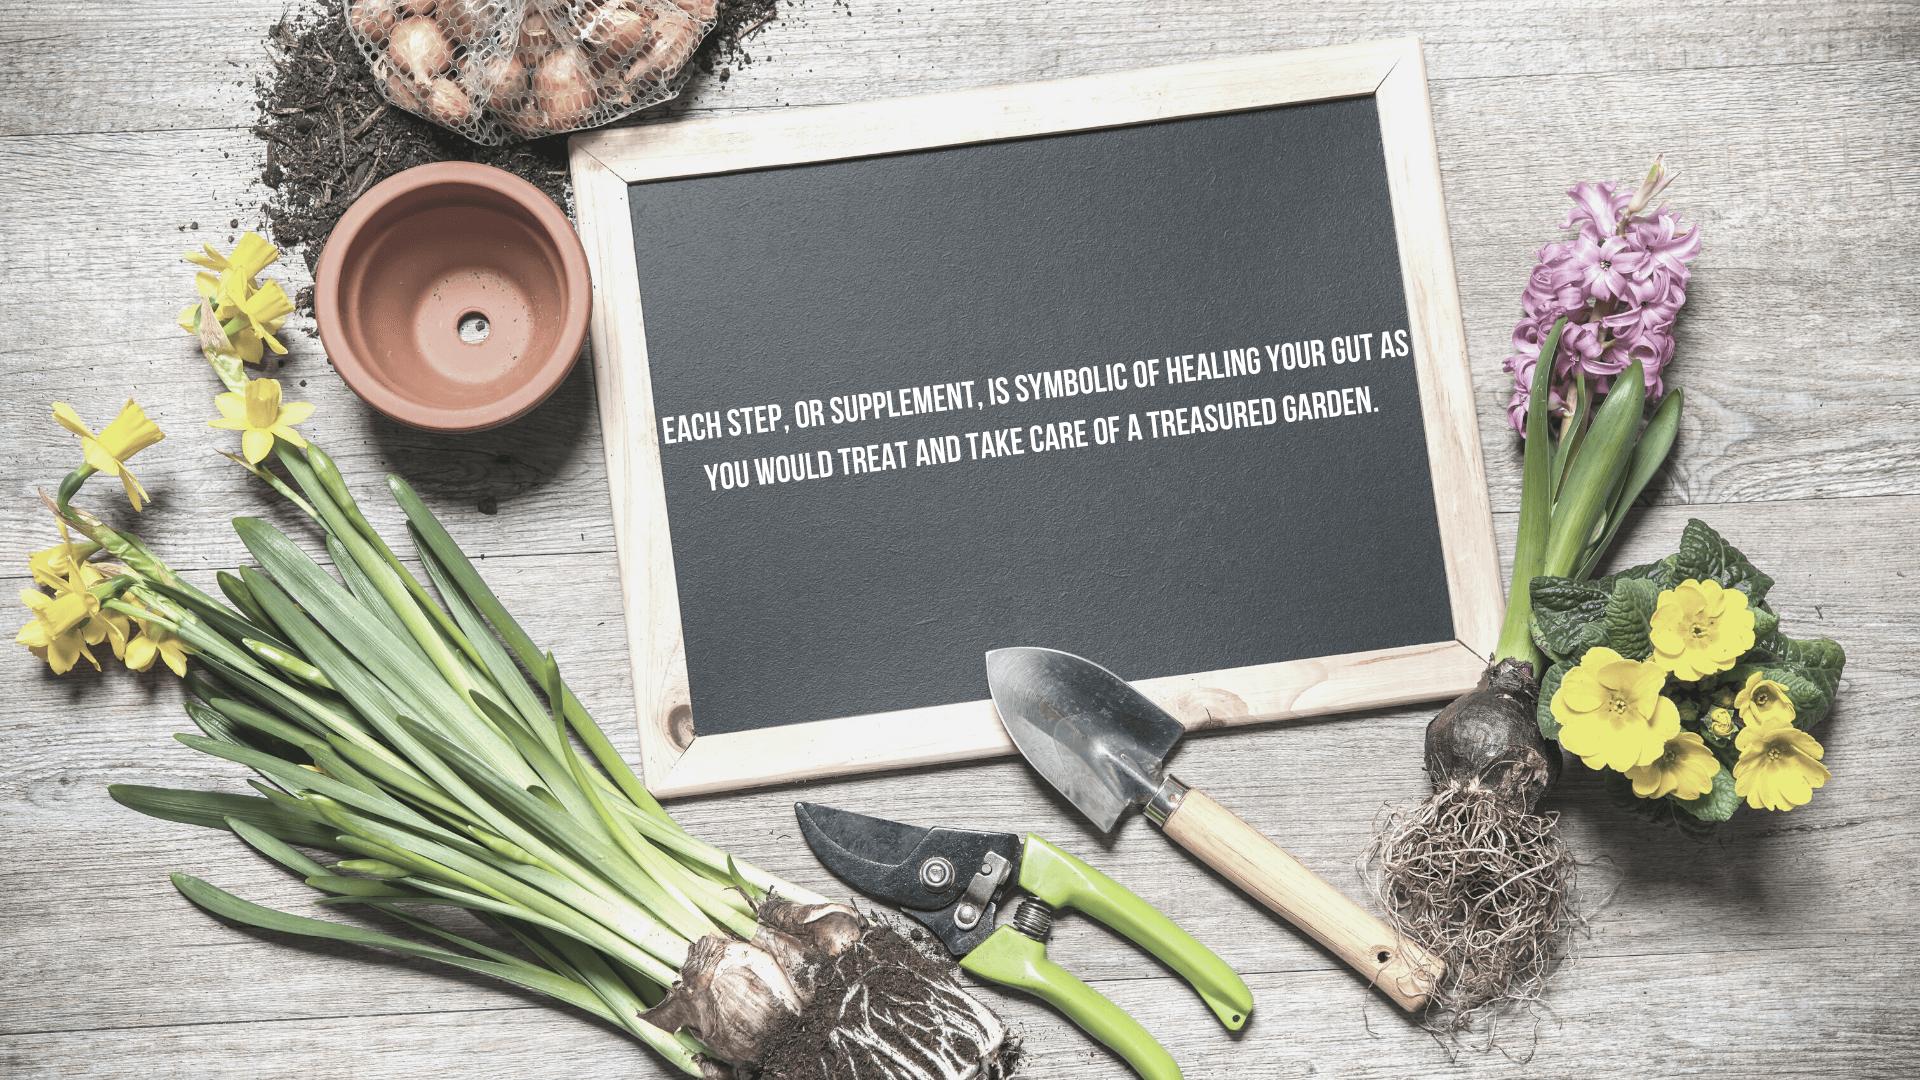 Gut Garden GoodGut Program agutsygirl.com #guthealing #guthealth #supplements 5-steps